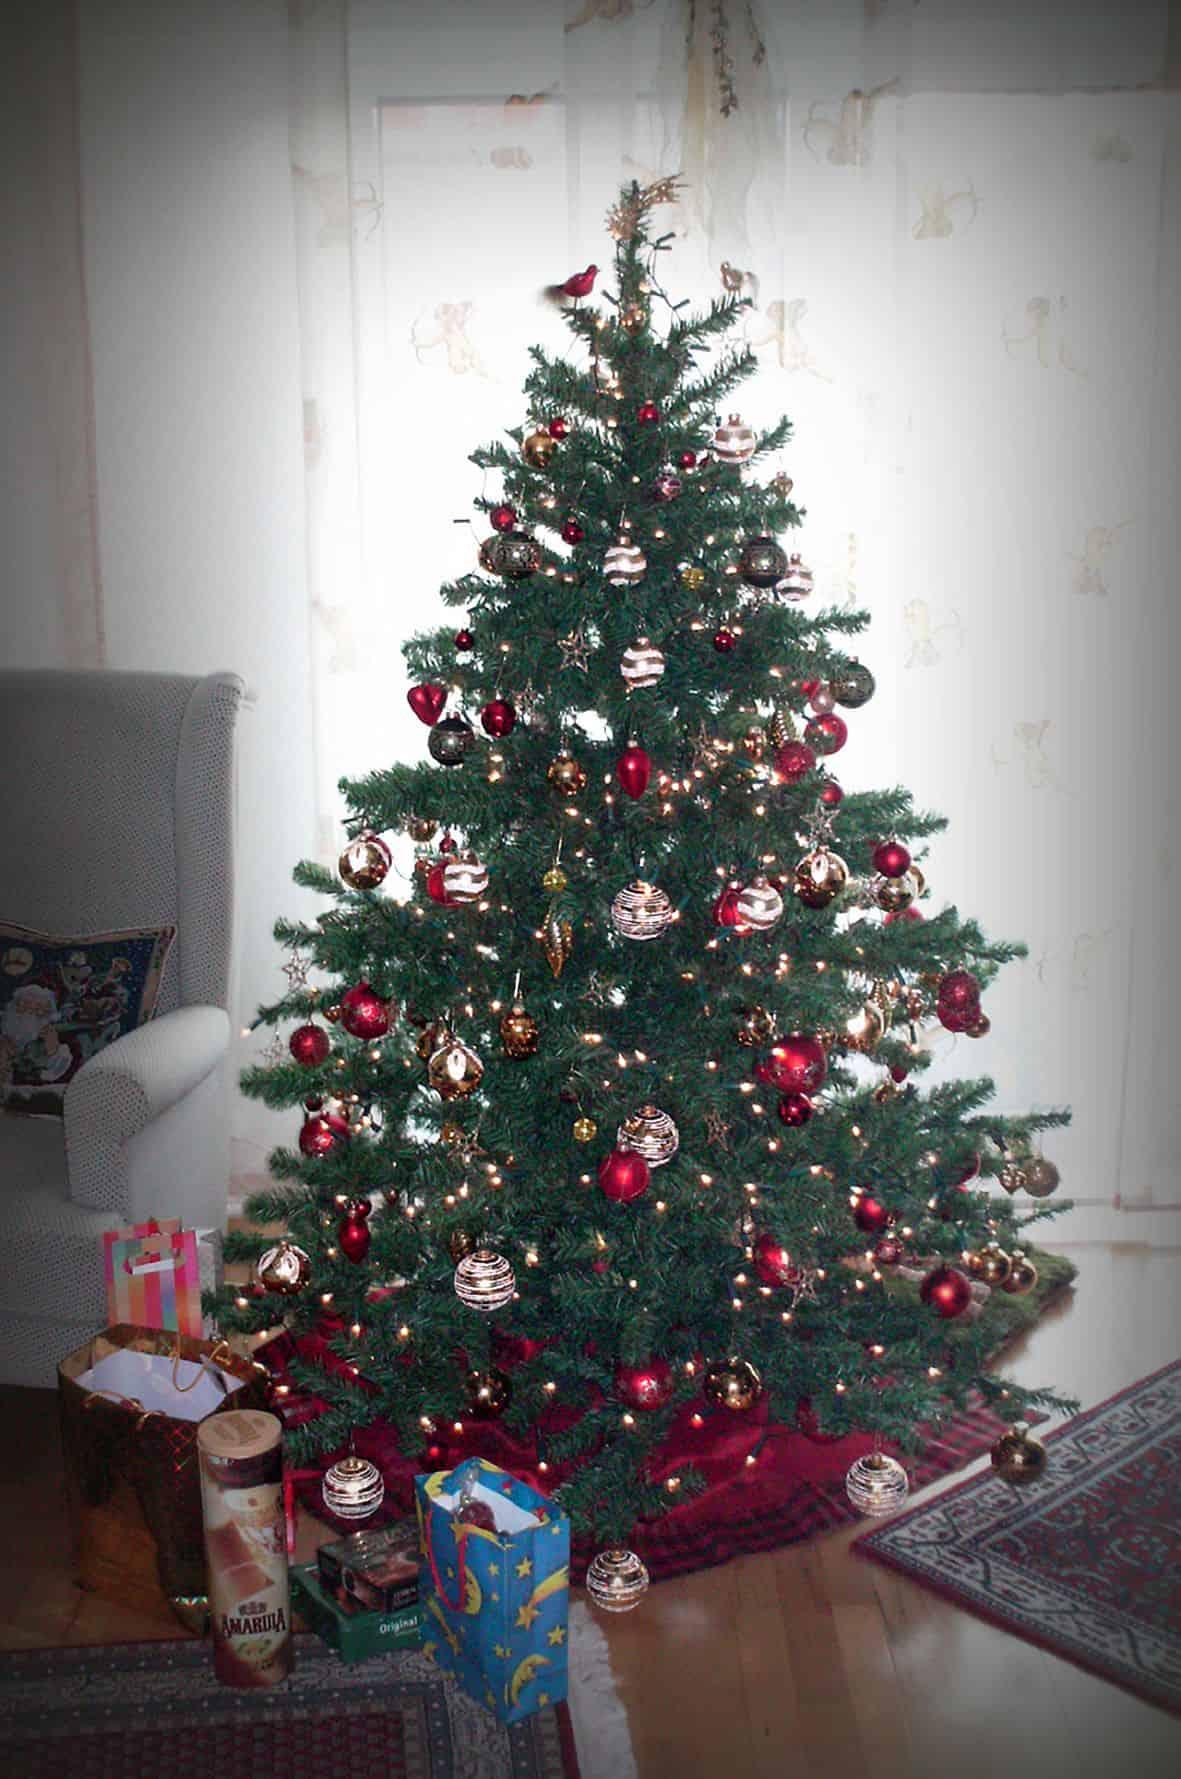 Ein schön geschmückter Weihnachtsbaum